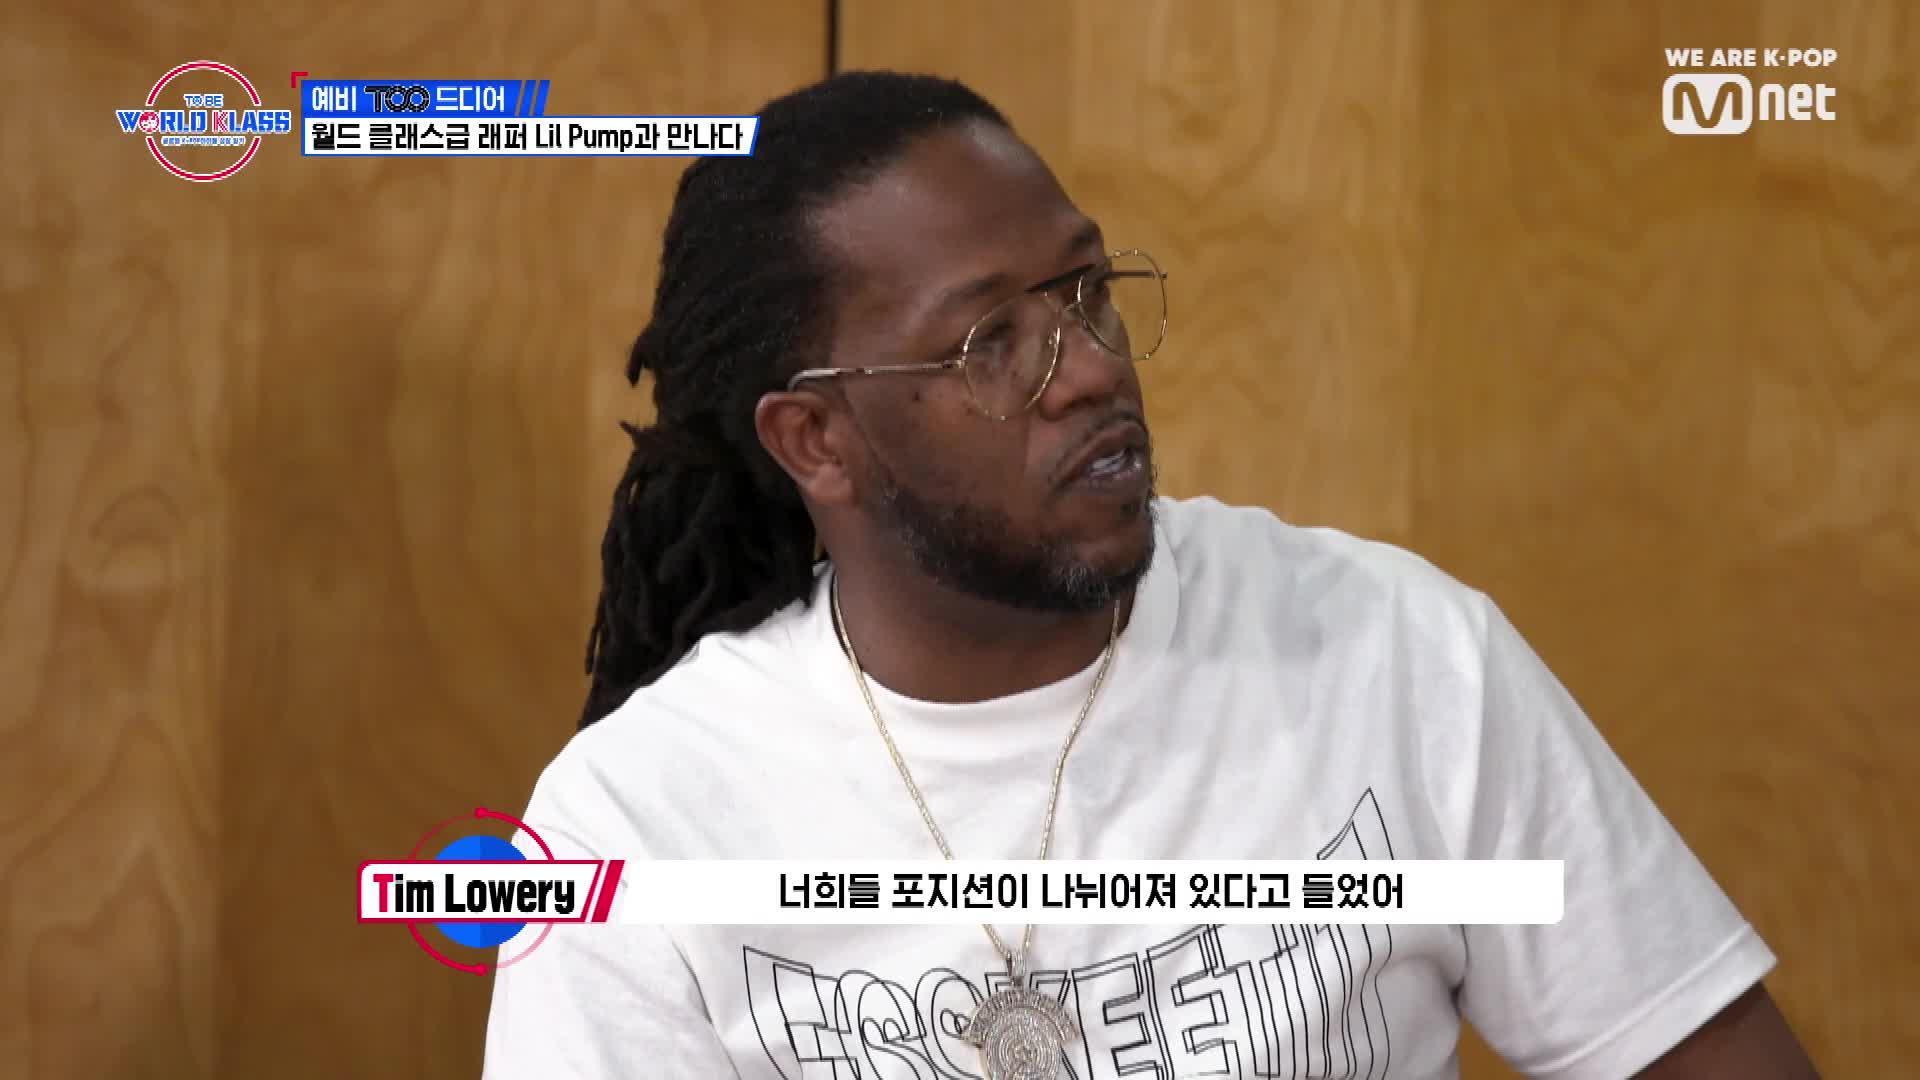 [4회] '흥분MAX' 릴 펌프 앞에서 프리스타일 랩을?!